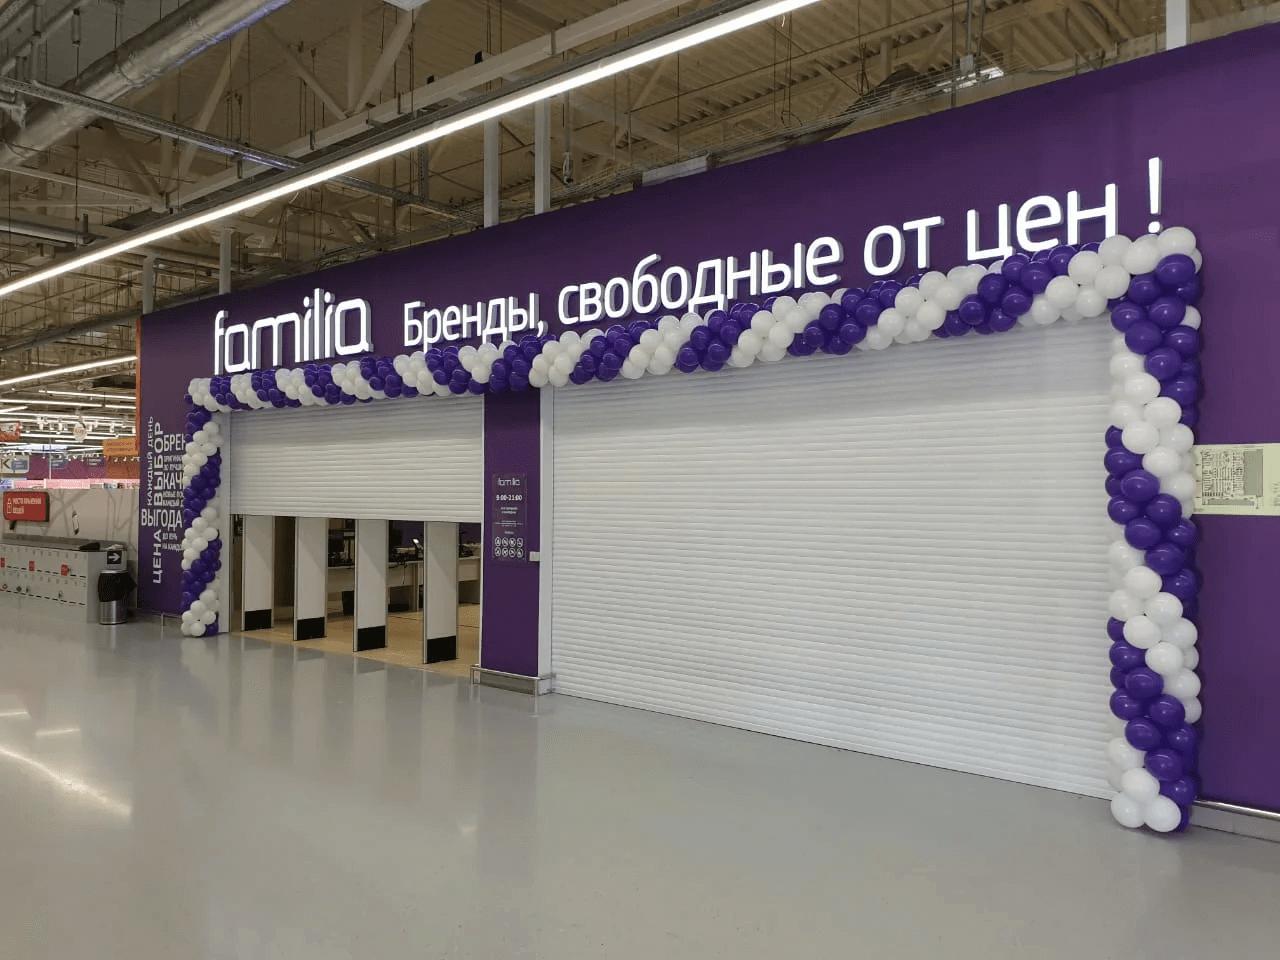 Familia, г.Тольятти, ТЦ Магнит